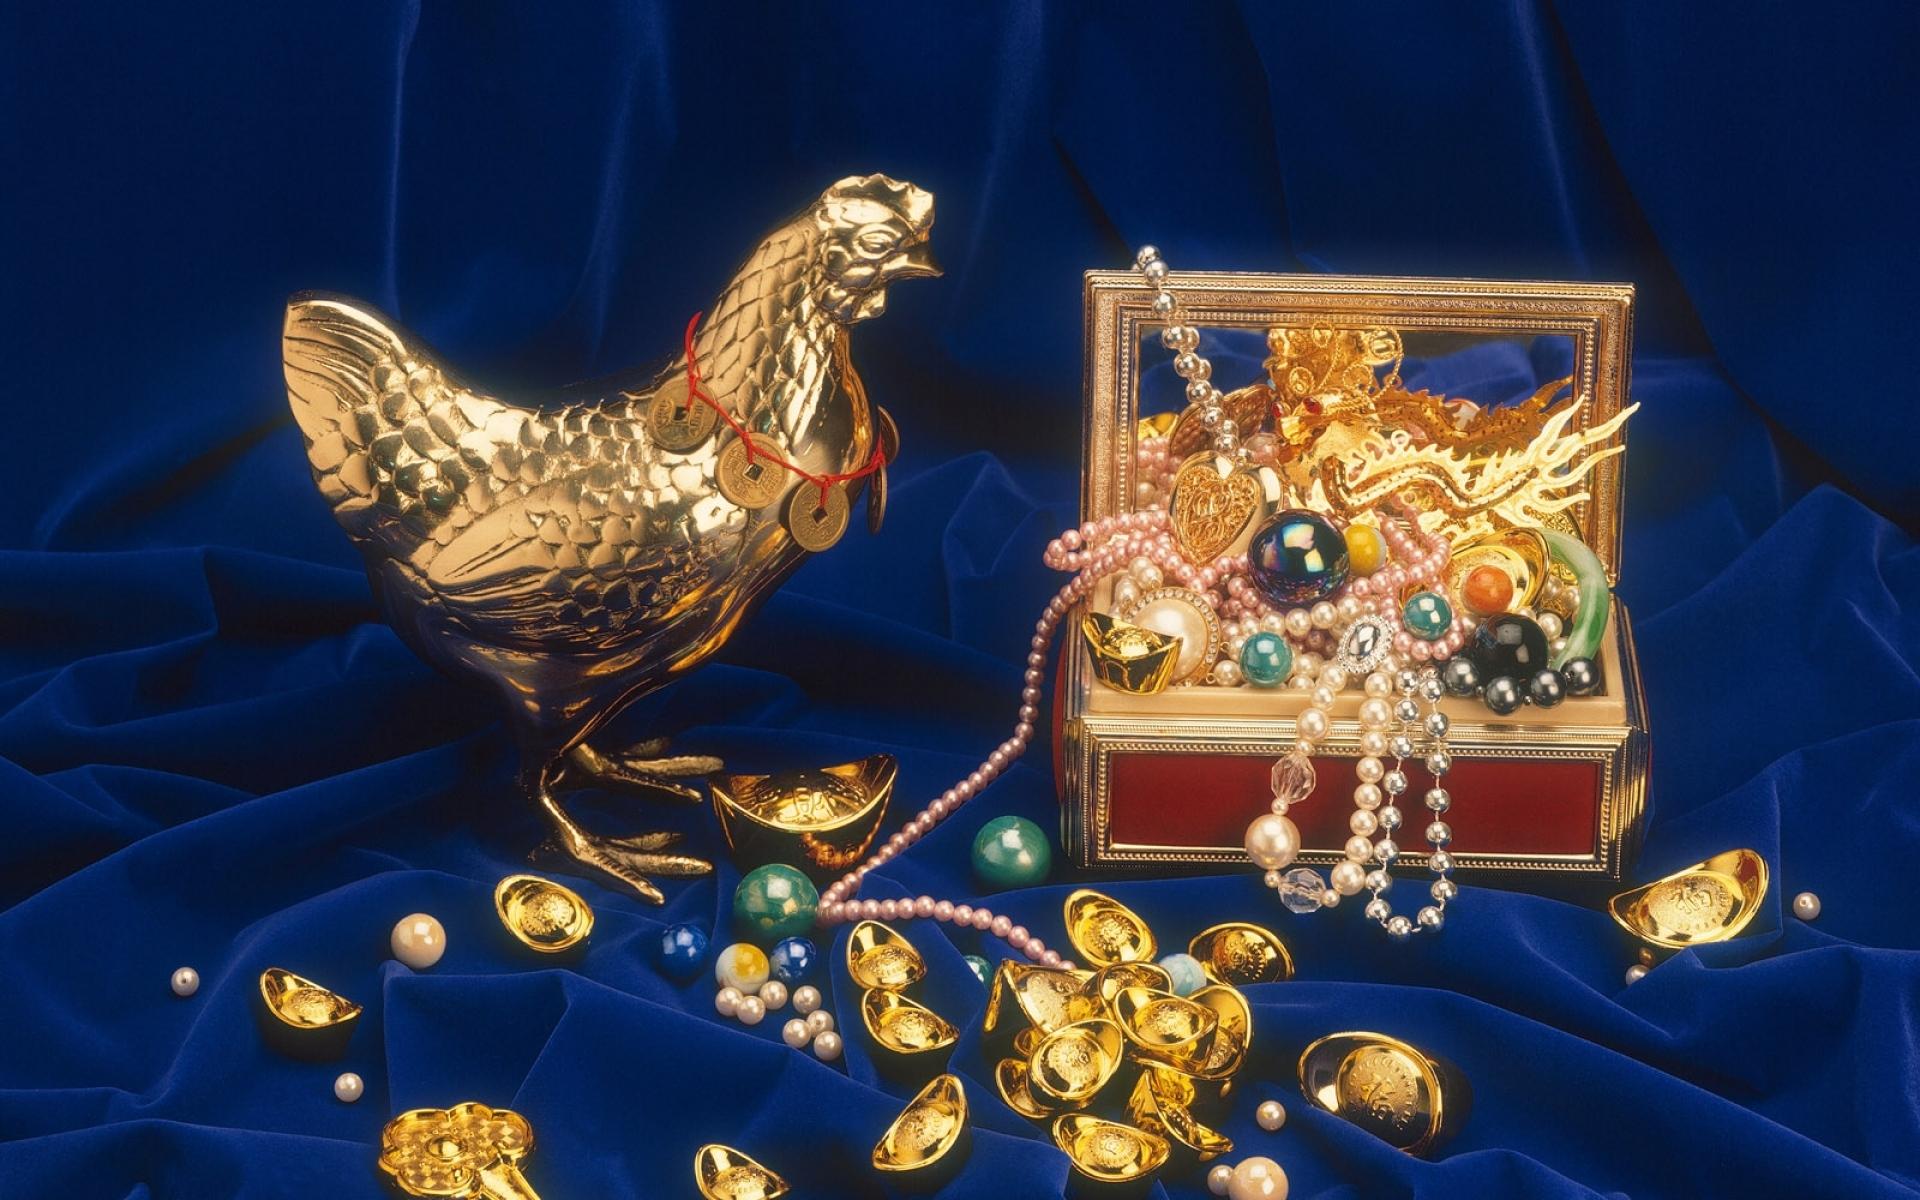 картинка на рабочий стол на удачу и богатство на деньги данной серии